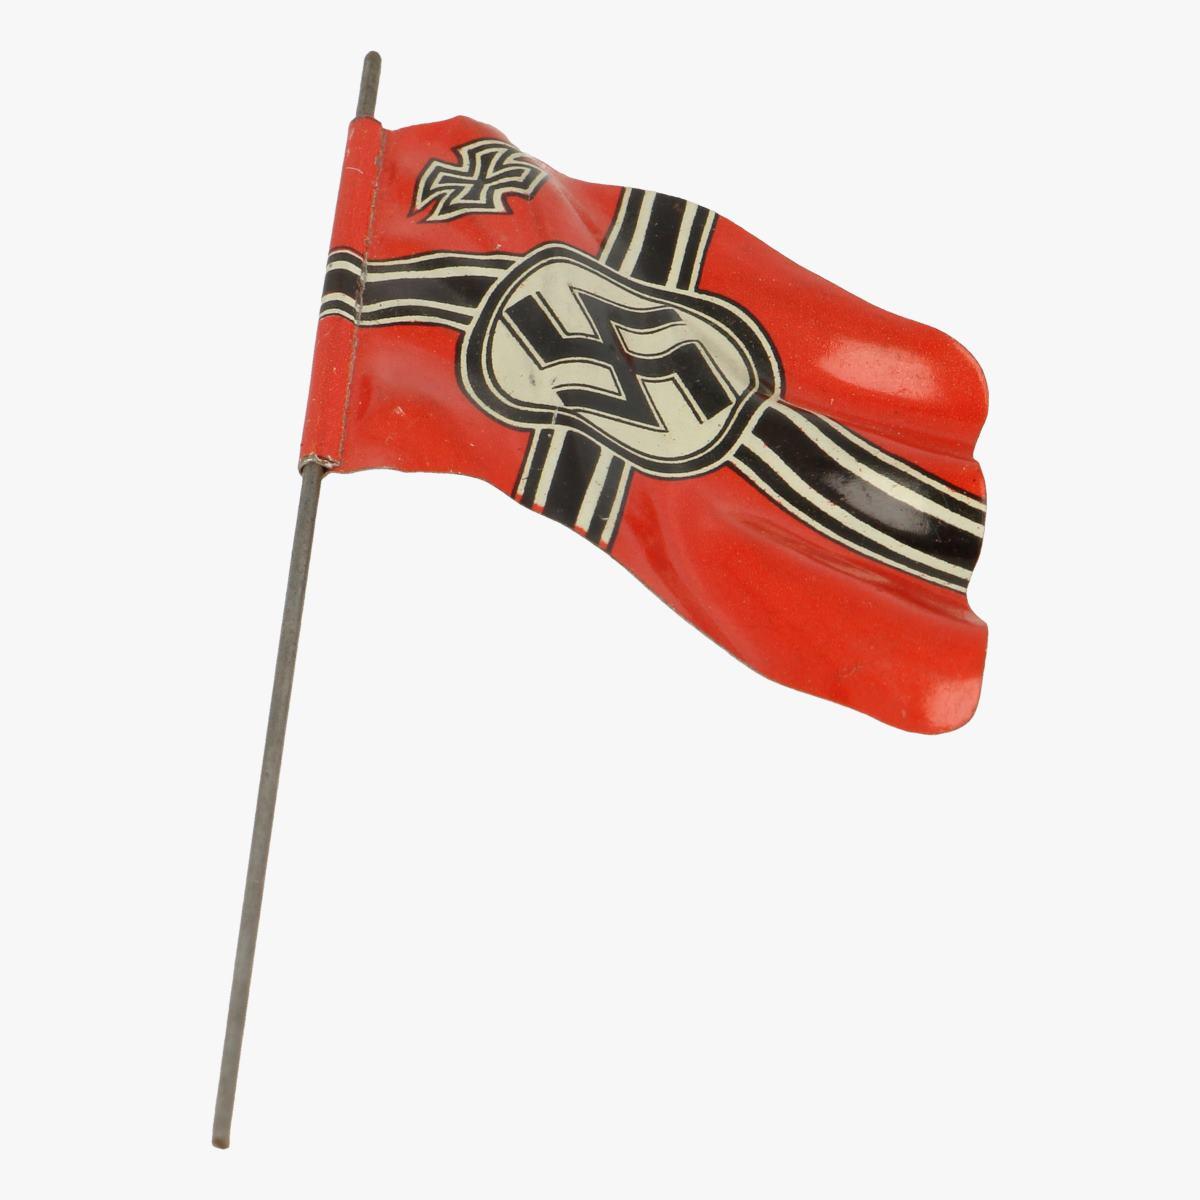 Afbeeldingen van elastolin soldaatjes vlag